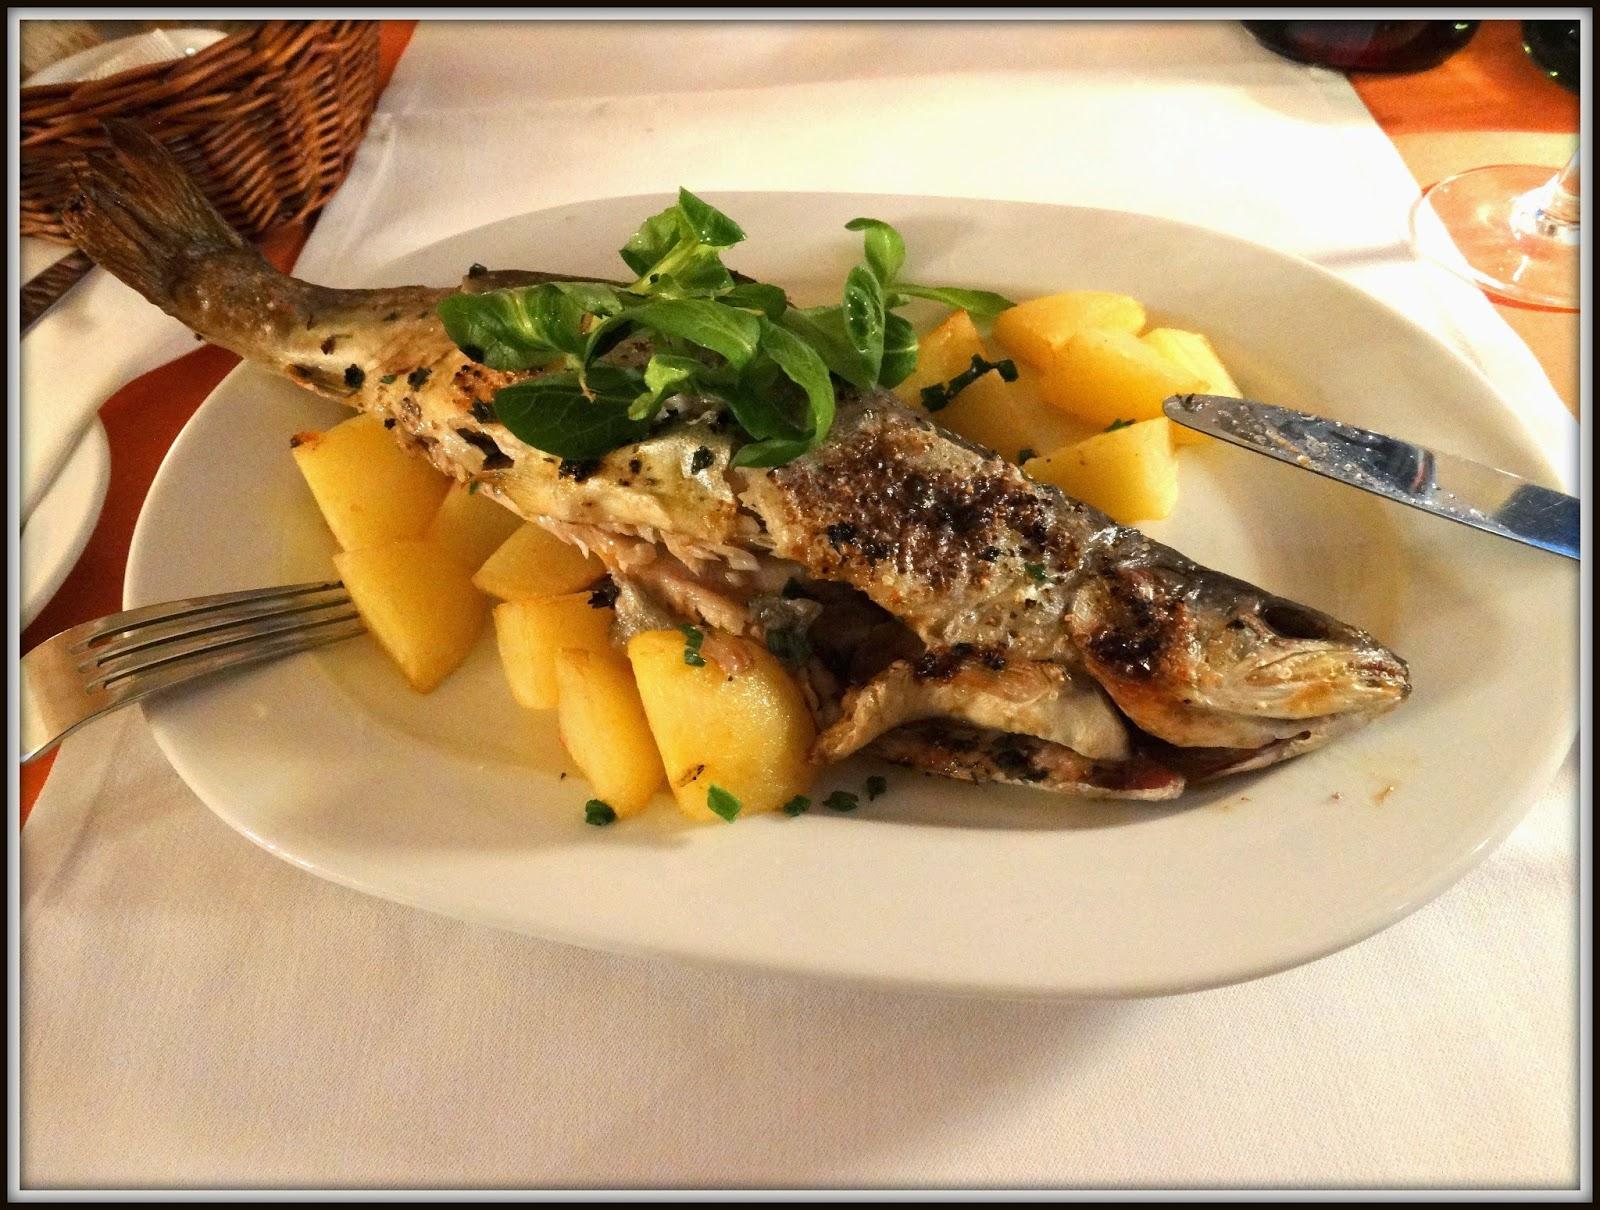 Restauracja Aperitif, Kraków, sandacz z młodymi ziemniakami